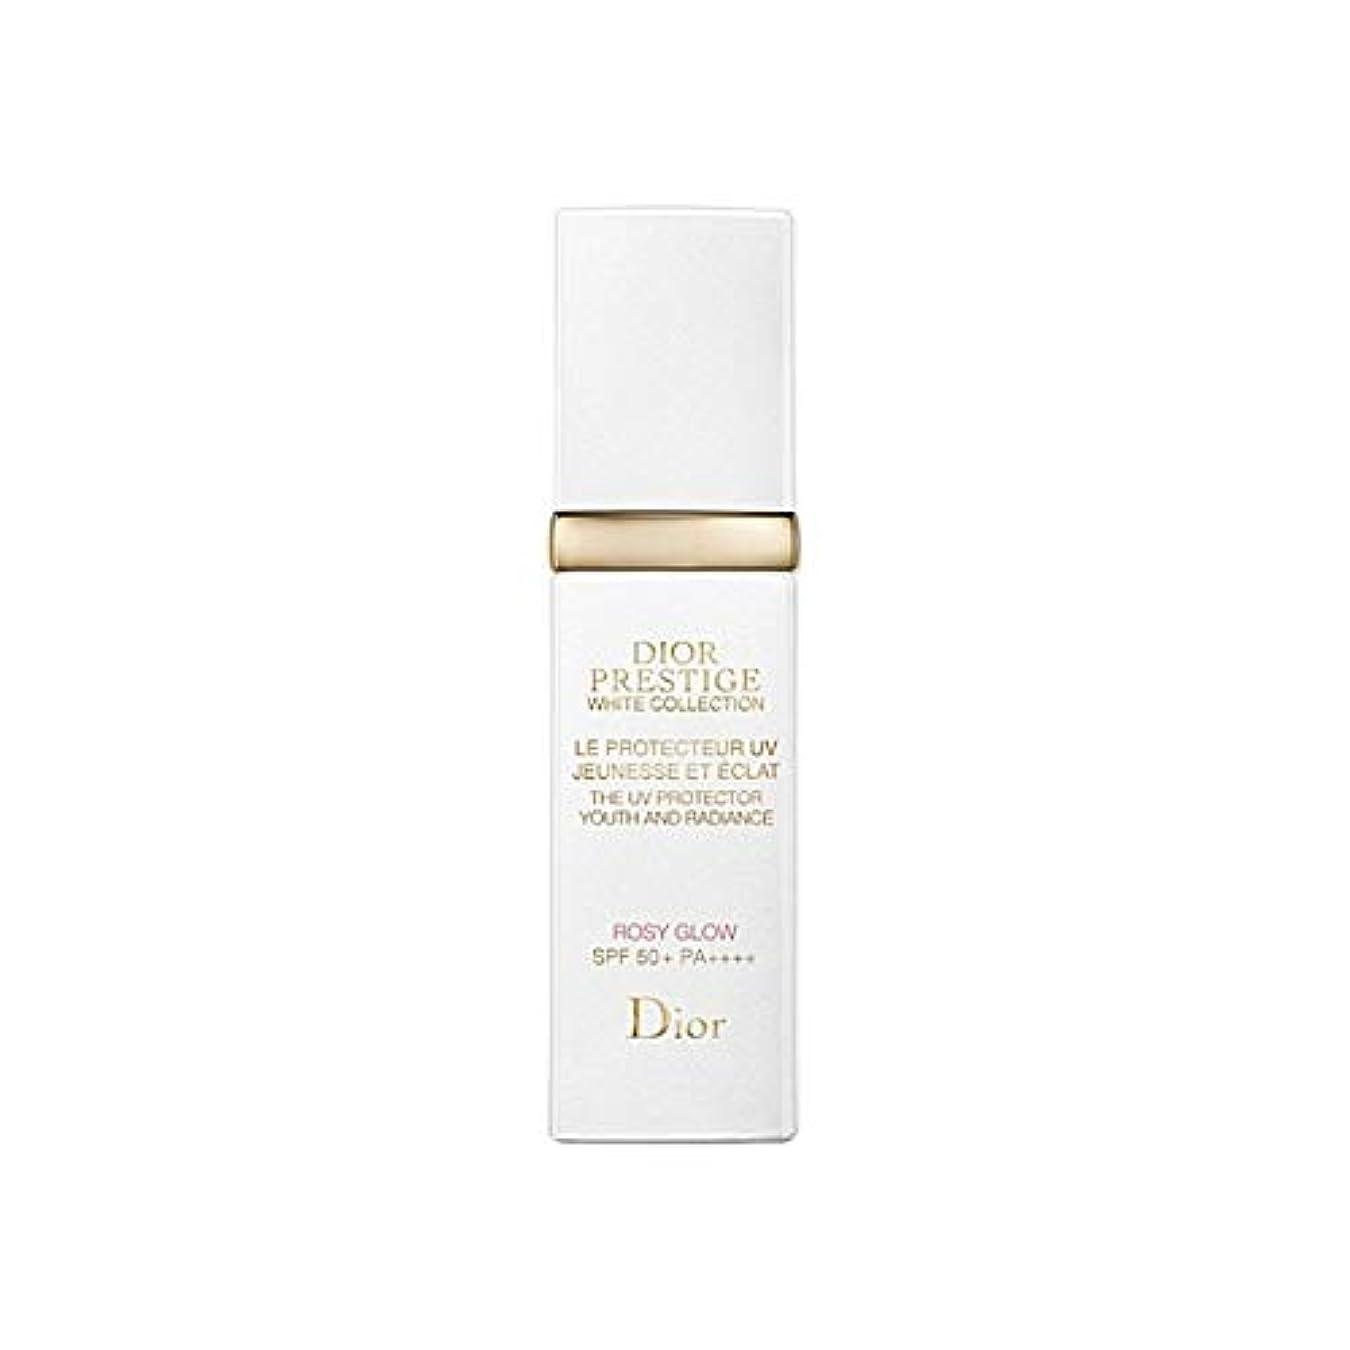 薬局環境復活[Dior] ディオールプレステージUvバラ色のグロー30ミリリットル - Dior Prestige Uv Rosy Glow 30ml [並行輸入品]